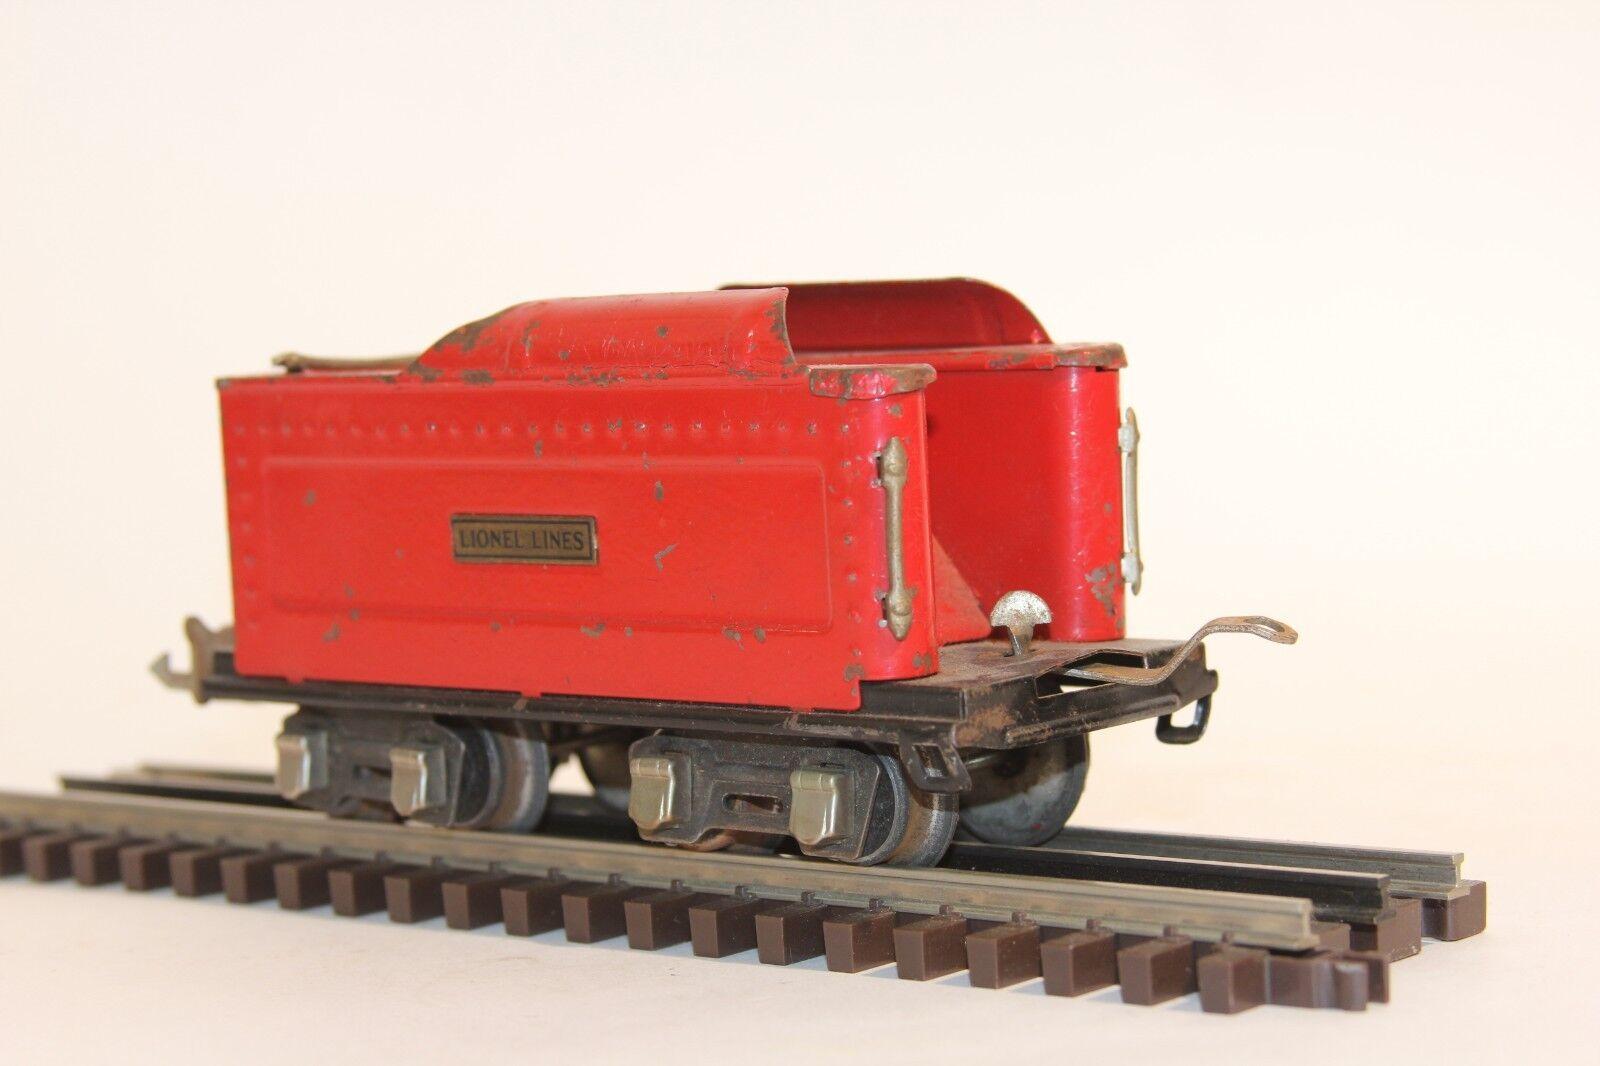 autorización Lionel Pre Guerra 261 T Rojo Rojo Rojo tender líneas Lionel 8 rueda o calibre o escala Plato De Estaño  promociones de equipo